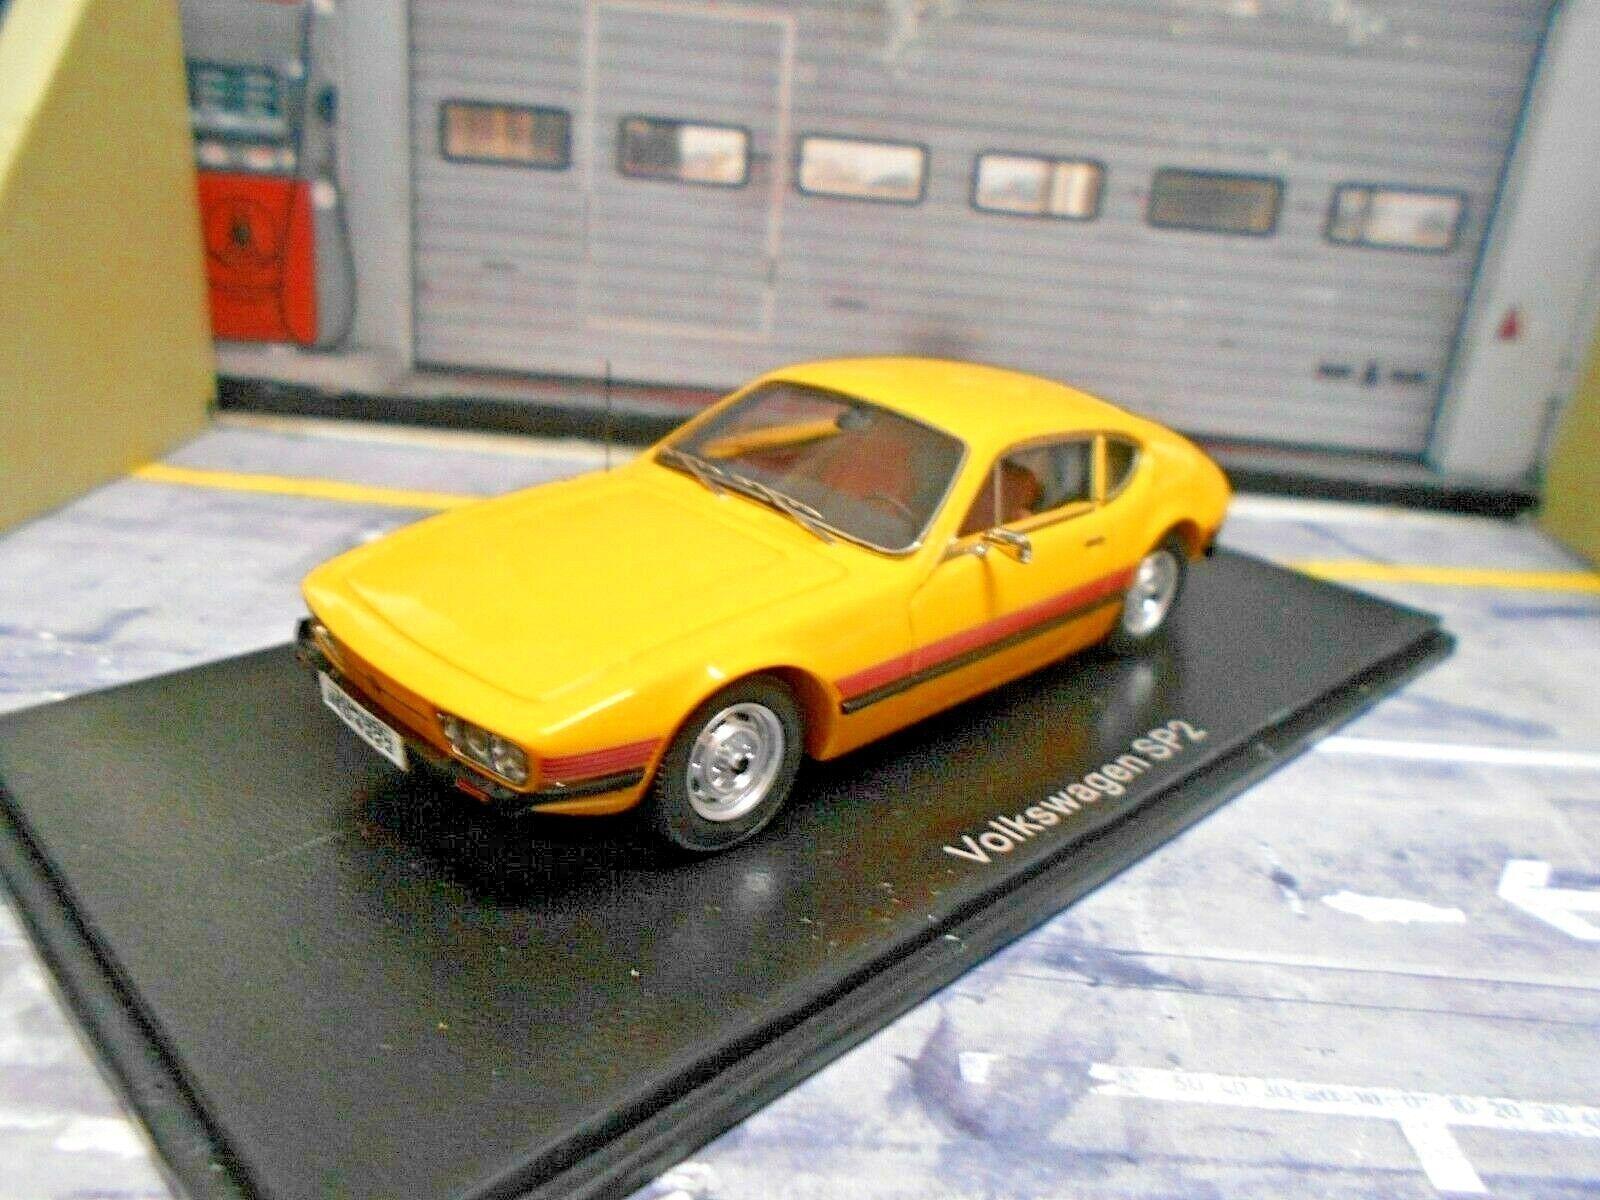 VW Volkswagen Brazil sp2 sp 2 Coupé jaune jaune 1974 NEO Resin 1 43